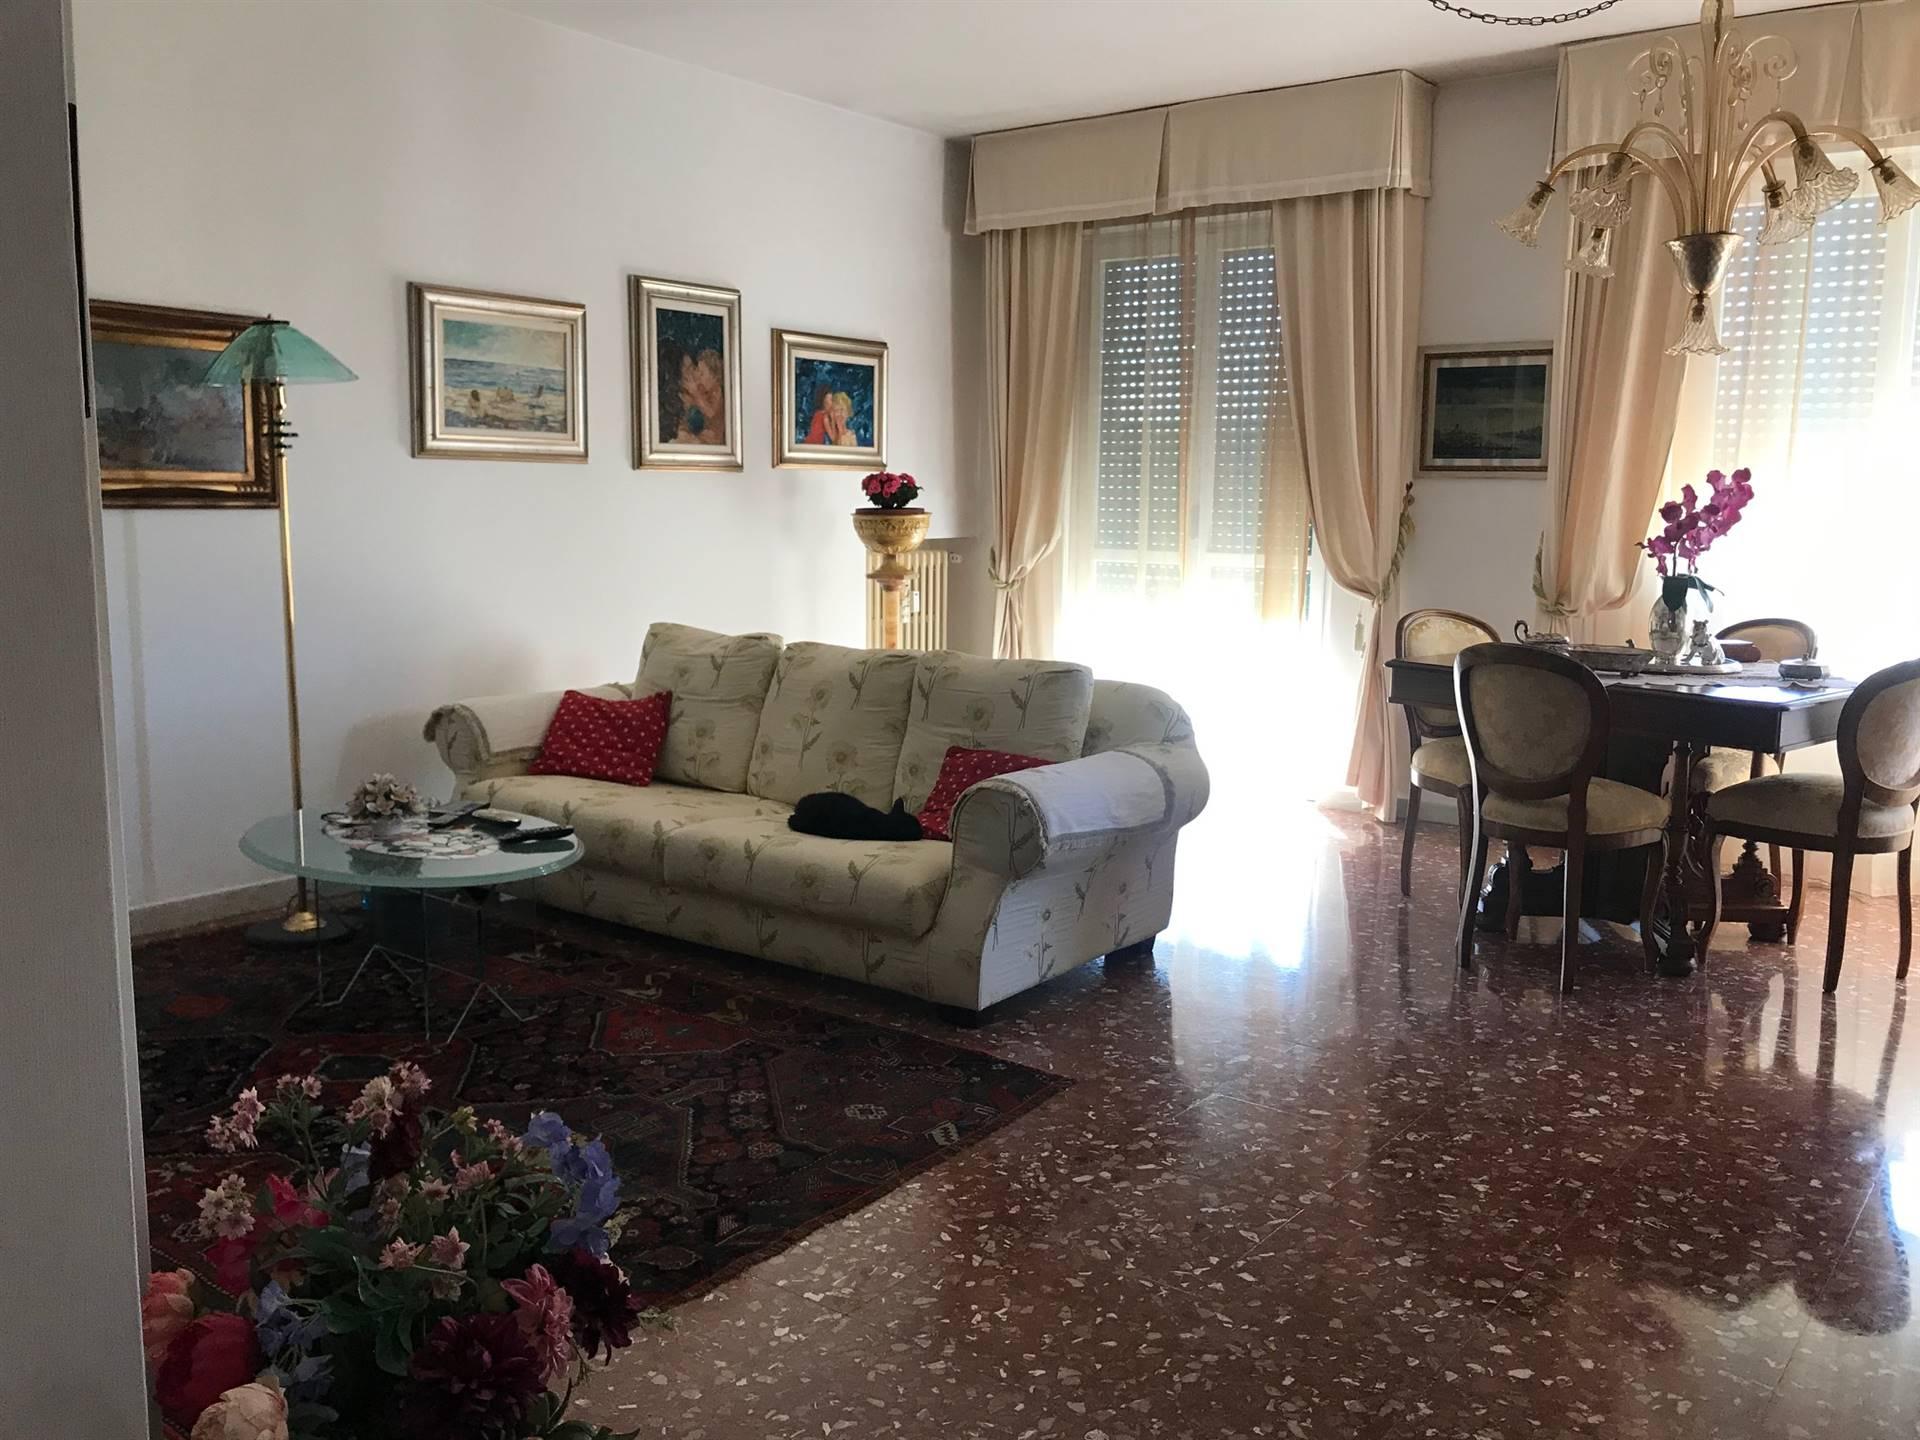 MAGENTA, LIVORNO, Appartement des location de 122 Mq, Excellentes, Chauffage Centralisé, par terre 4° sur 5, composé par: 6.5 Locals, Cuisine